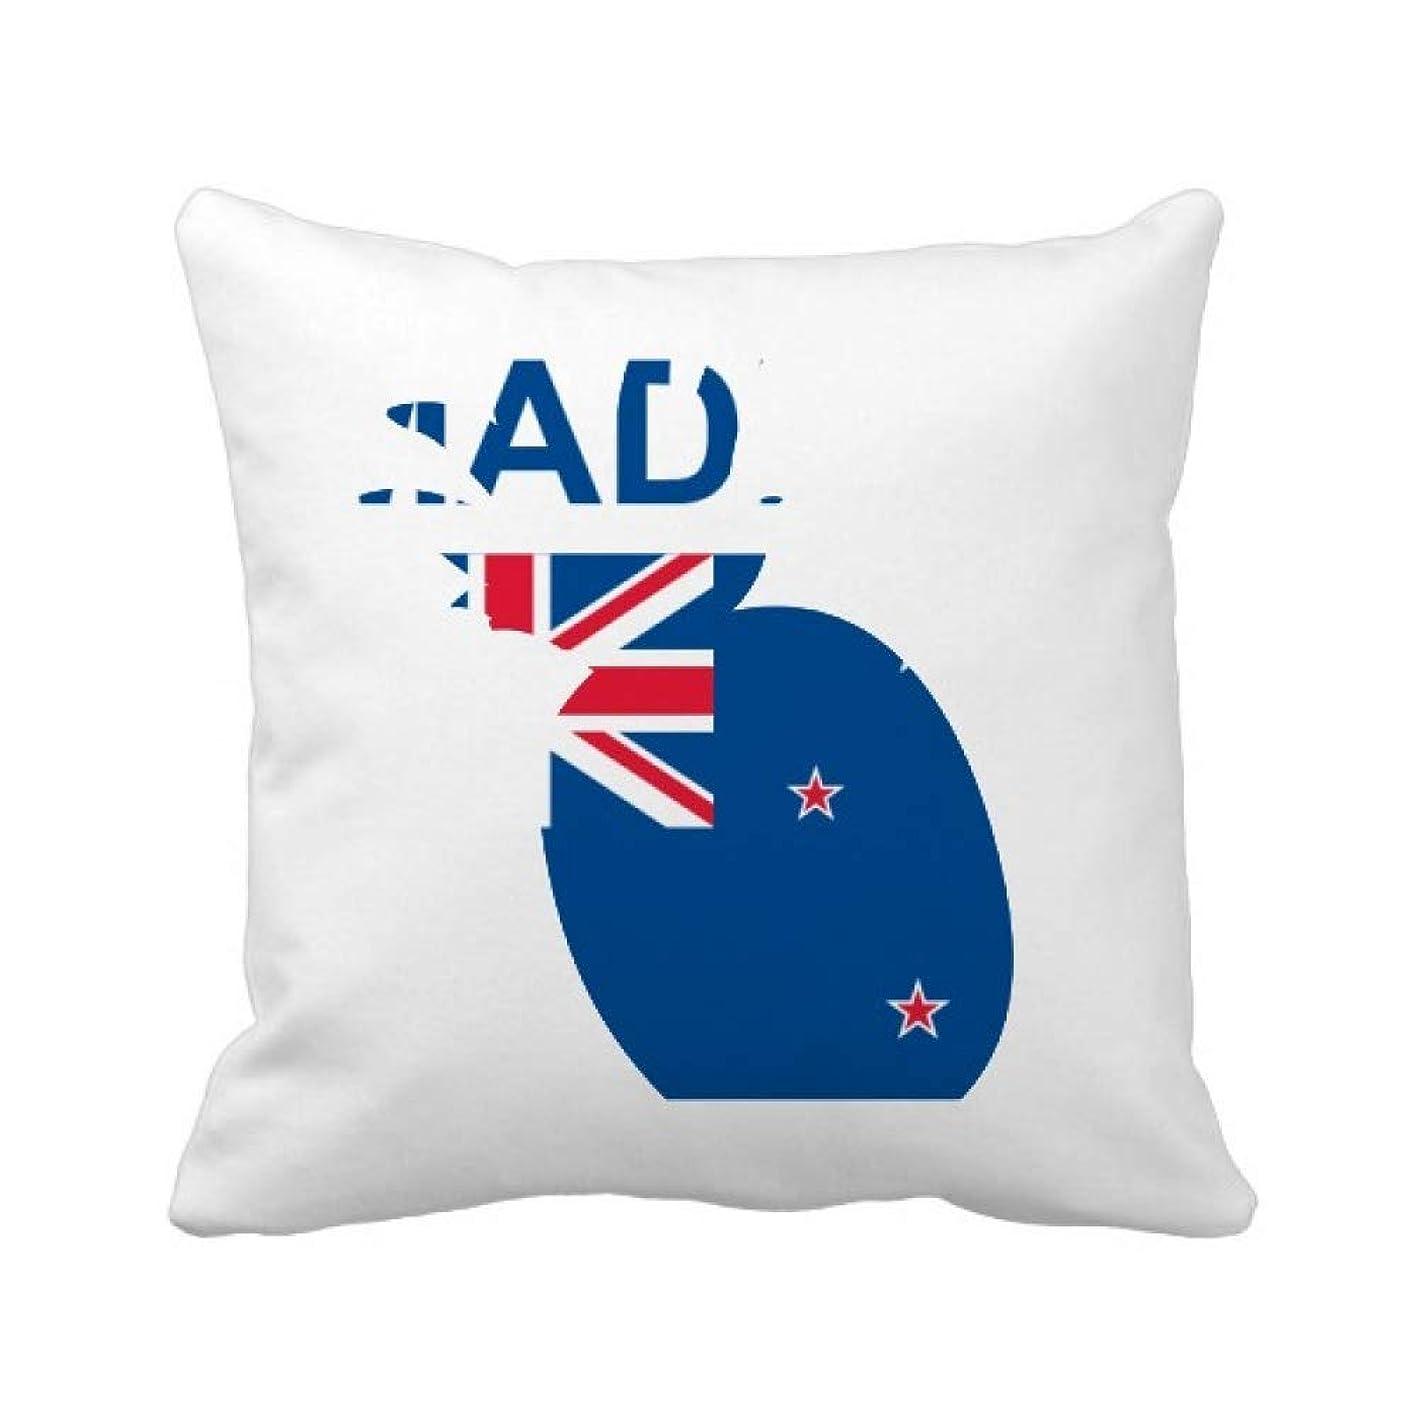 ぼかしブロック練習ニュージーランドの国が好きで パイナップル枕カバー正方形を投げる 50cm x 50cm